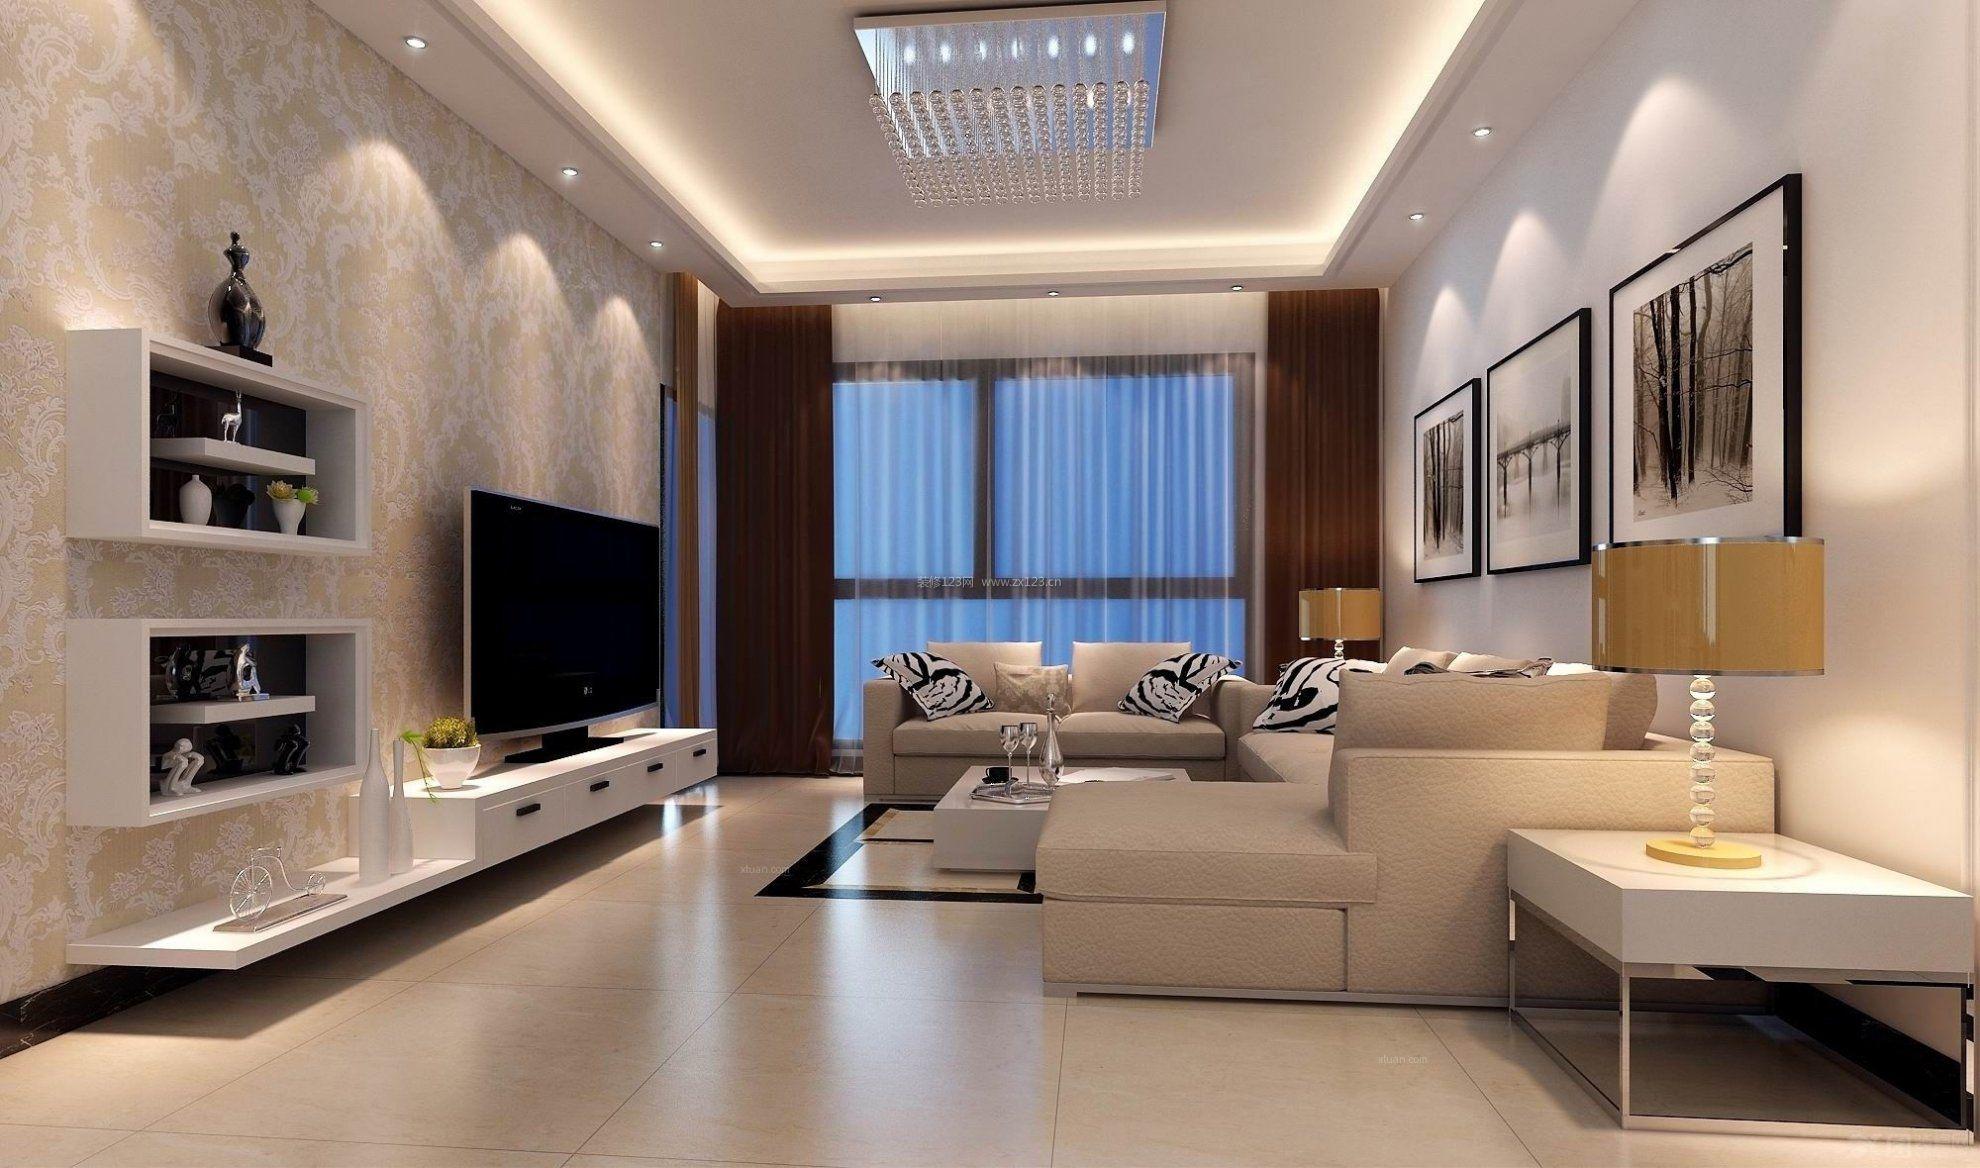 100平米房子装修现代简约客厅电视背景墙效果图片